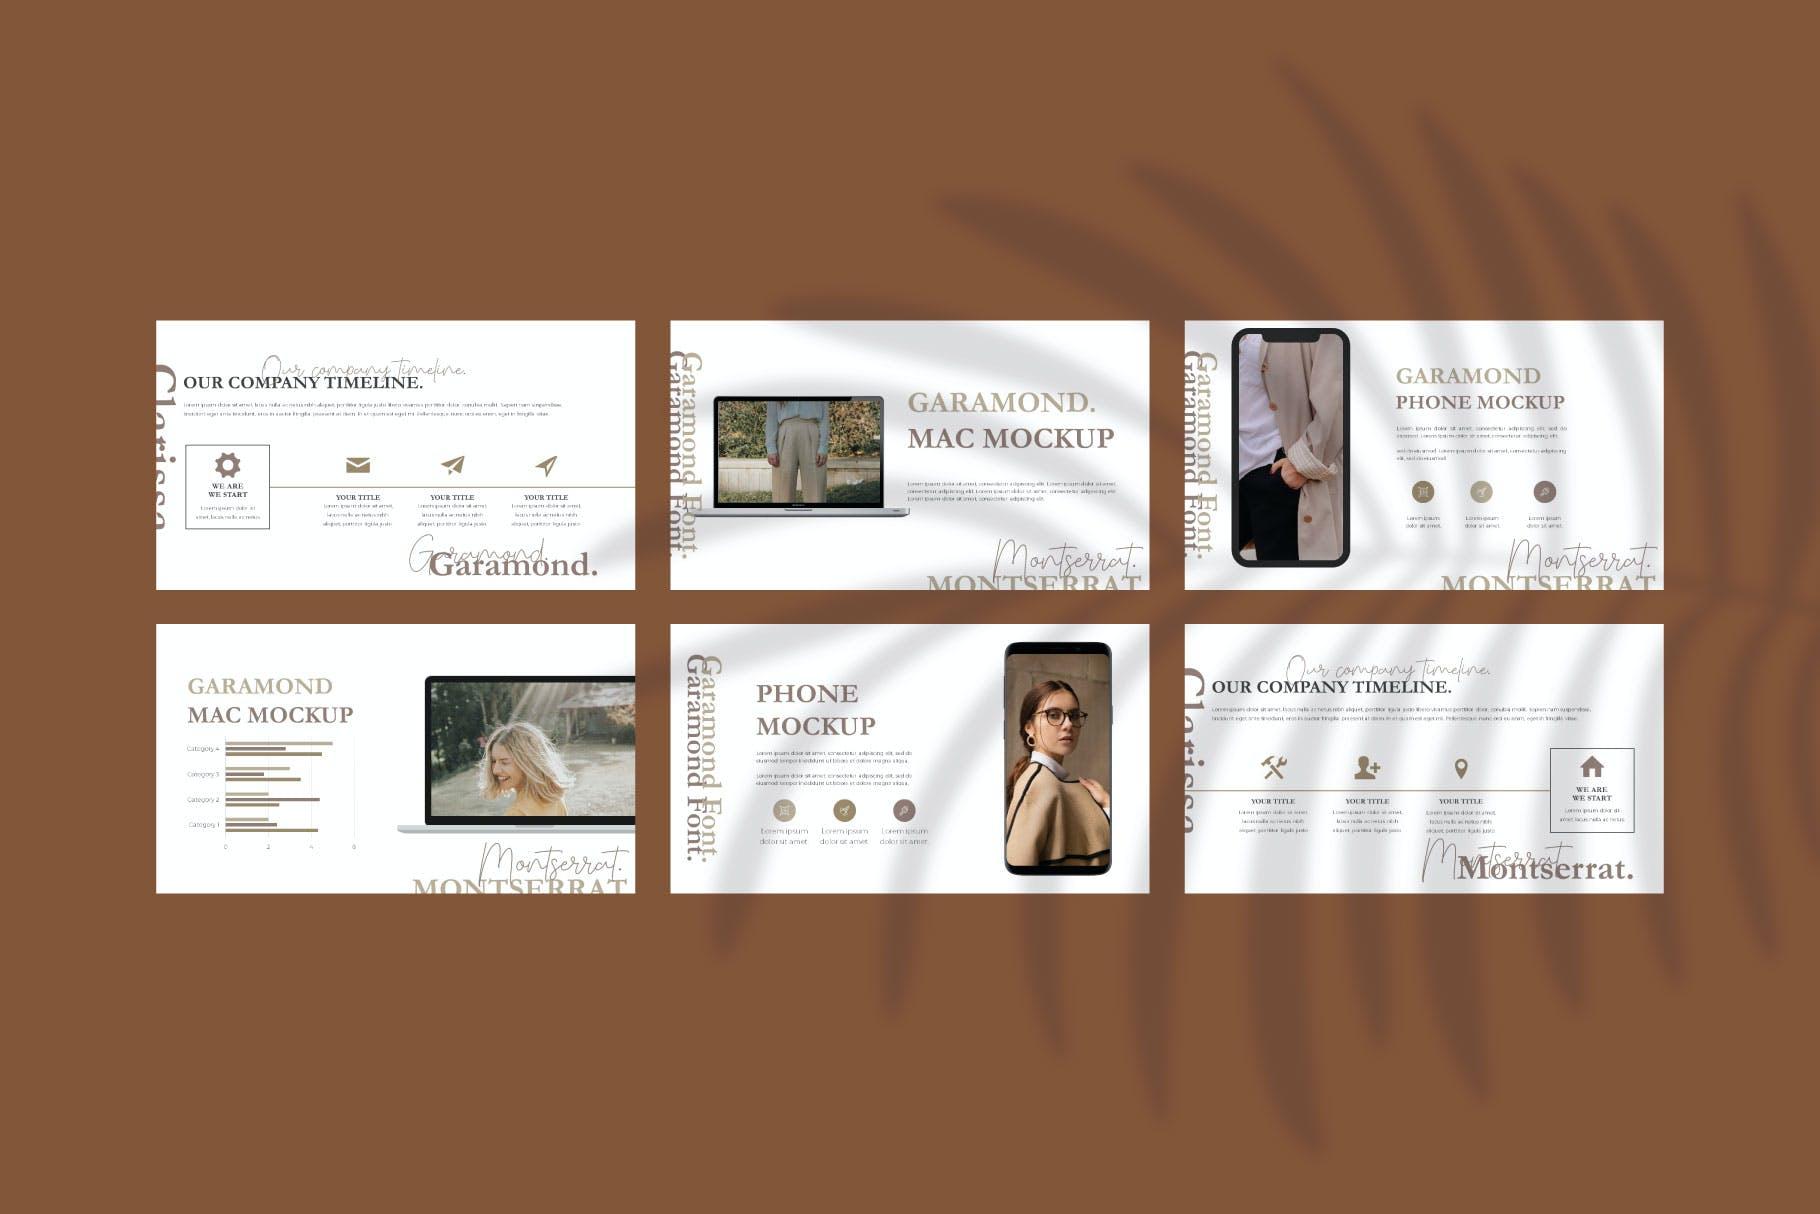 时尚简约摄影作品集图文排版幻灯片设计模板 Clarissa Bundle Presentation插图7